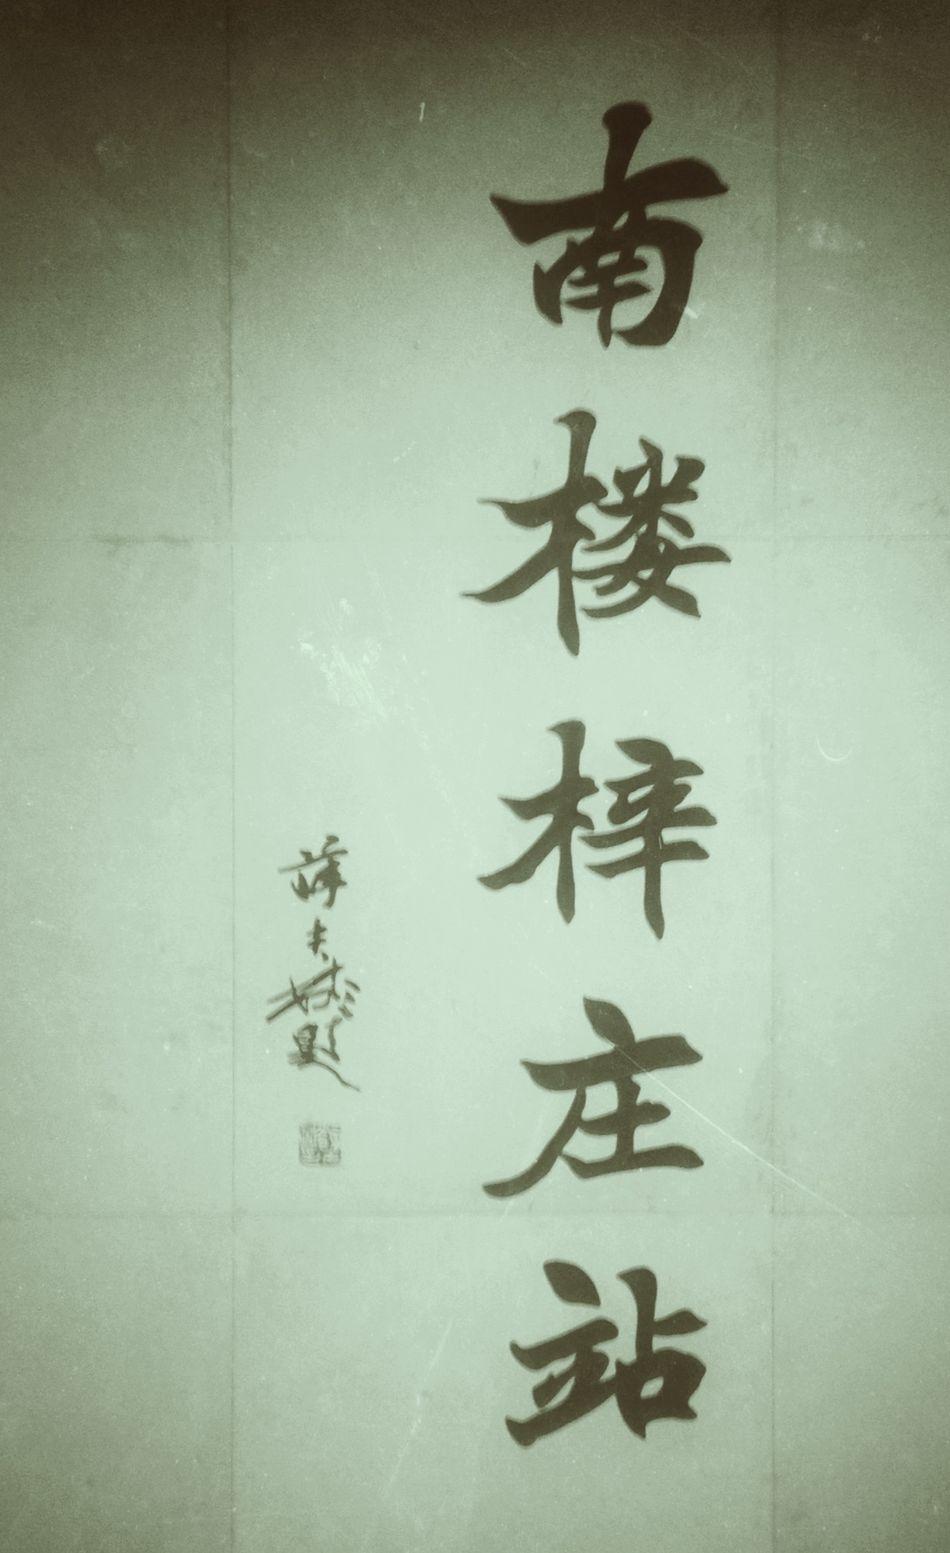 地铁 7号 站牌 书法 中文 墙 站台